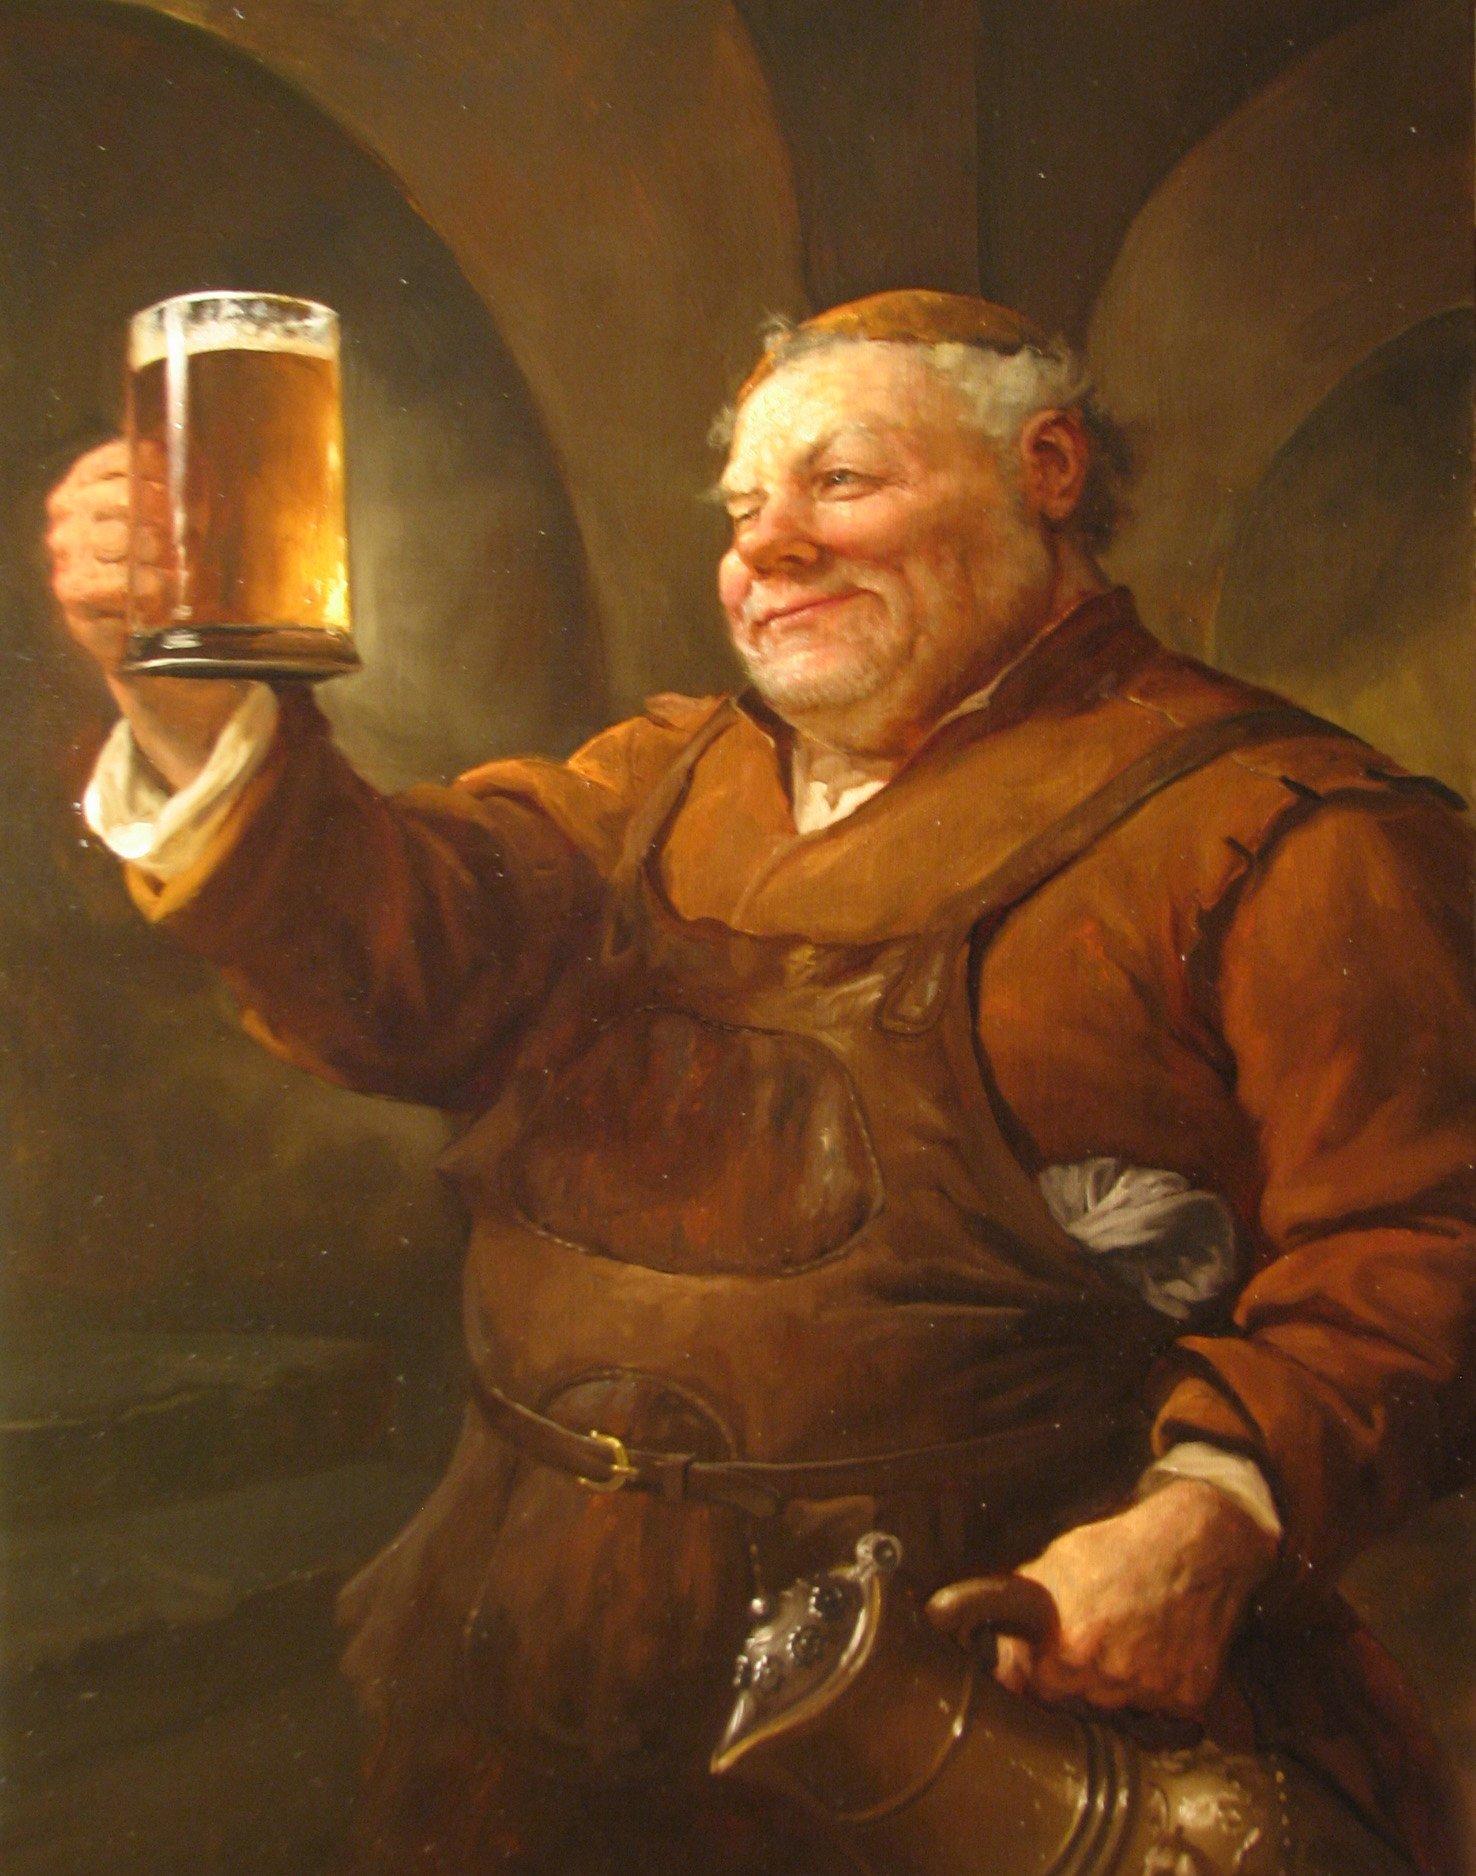 алкоголь монах и пиво я перестал пить я не бухал лето отвратительные мужики disguting men